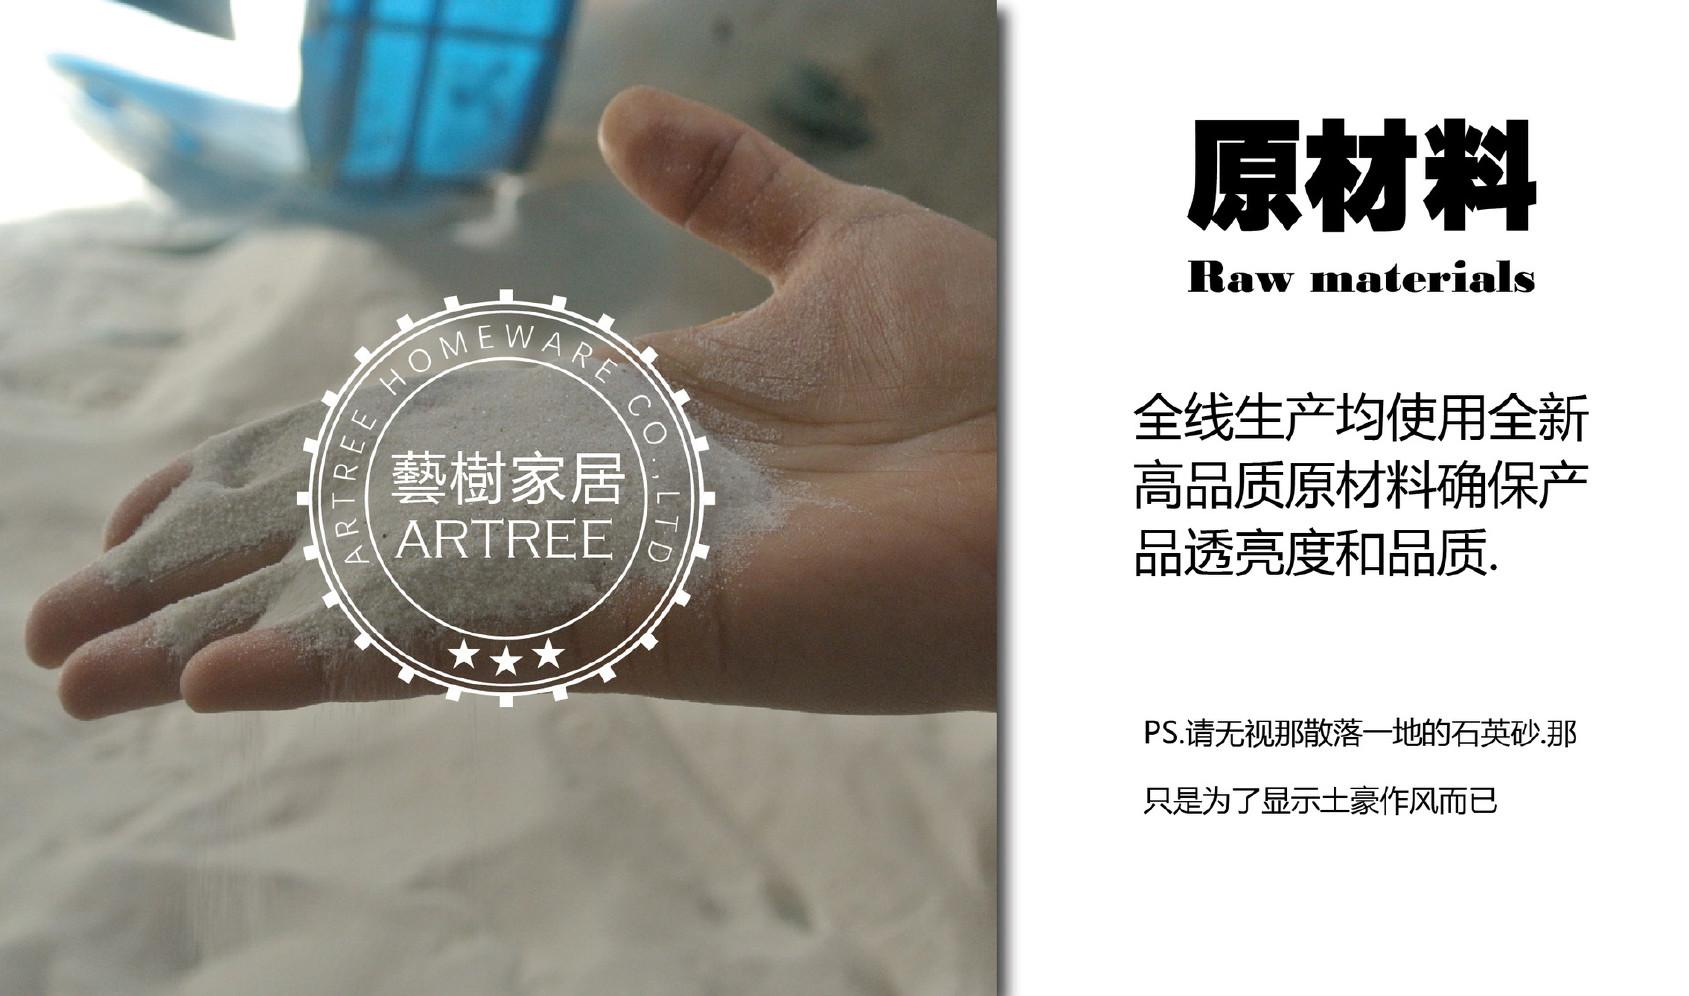 好�9i�9�)���_【Artree艺树人工蓝色电镀放射条纹玻璃盘子批发定制】价格_批发